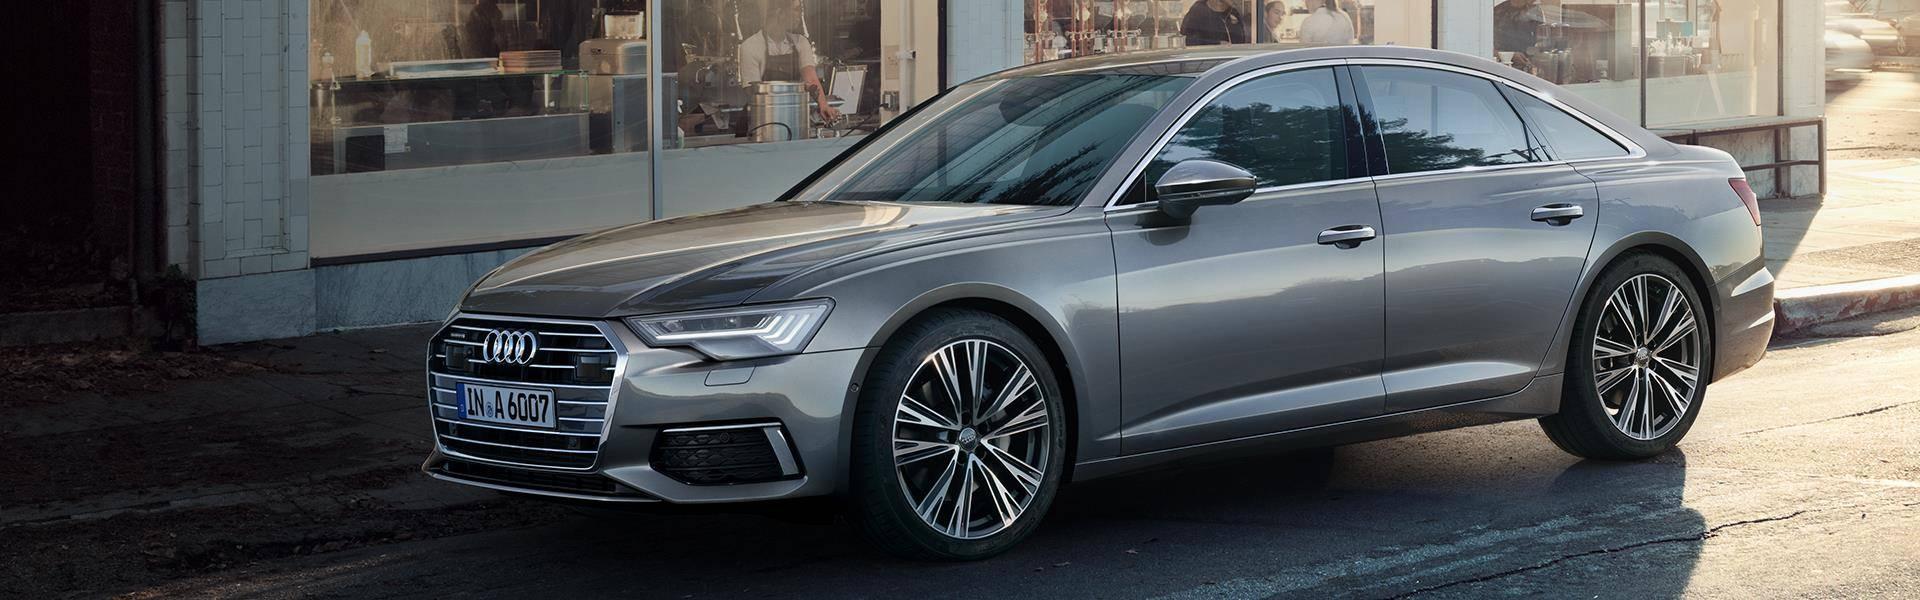 Nouvelle Audi A6 Berline 2018